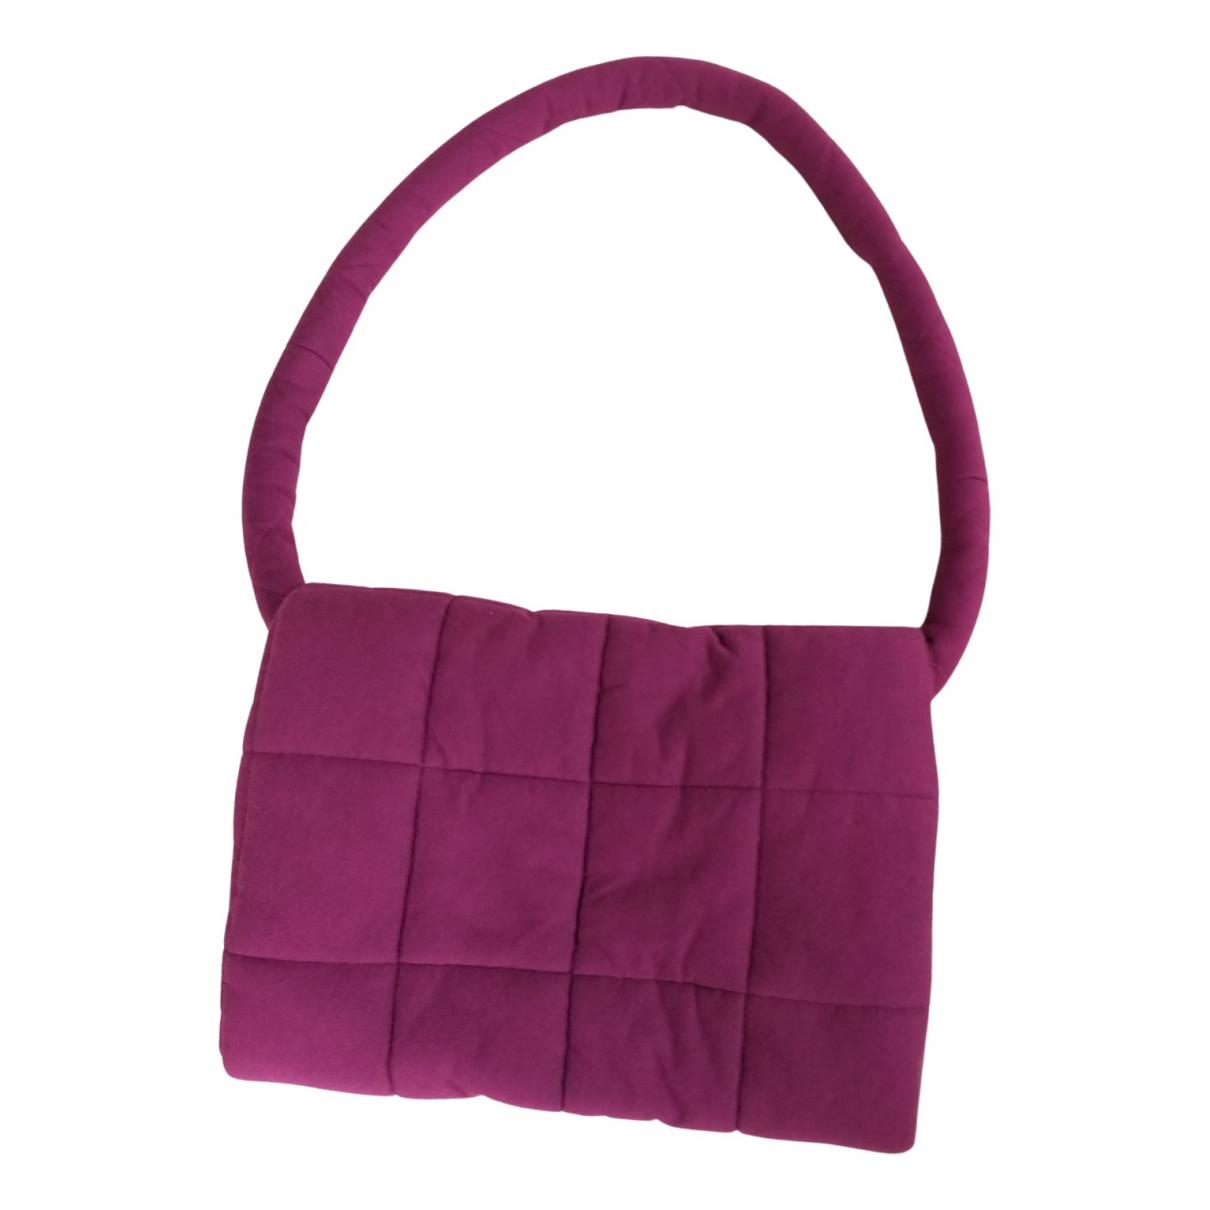 Mm6 - Sac a main   pour femme en toile - rose